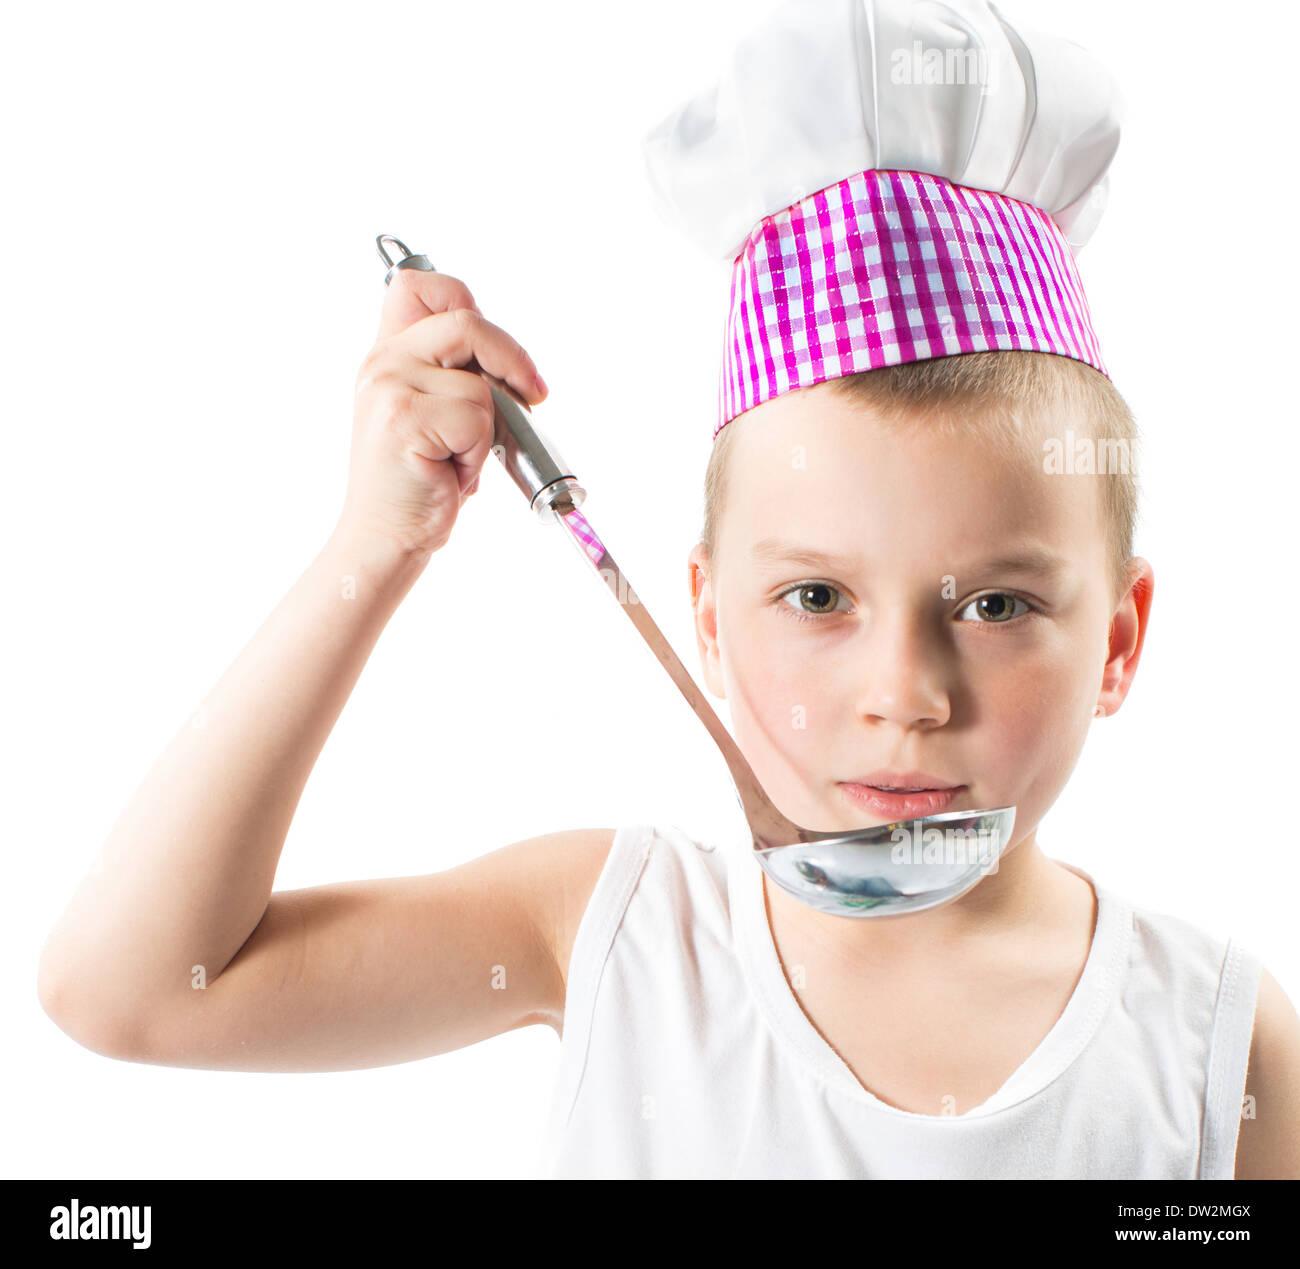 Cook chef boy vistiendo sombrero con verduras y frutas frescas. Utilizarlo  para un niño 34fbd73ab541